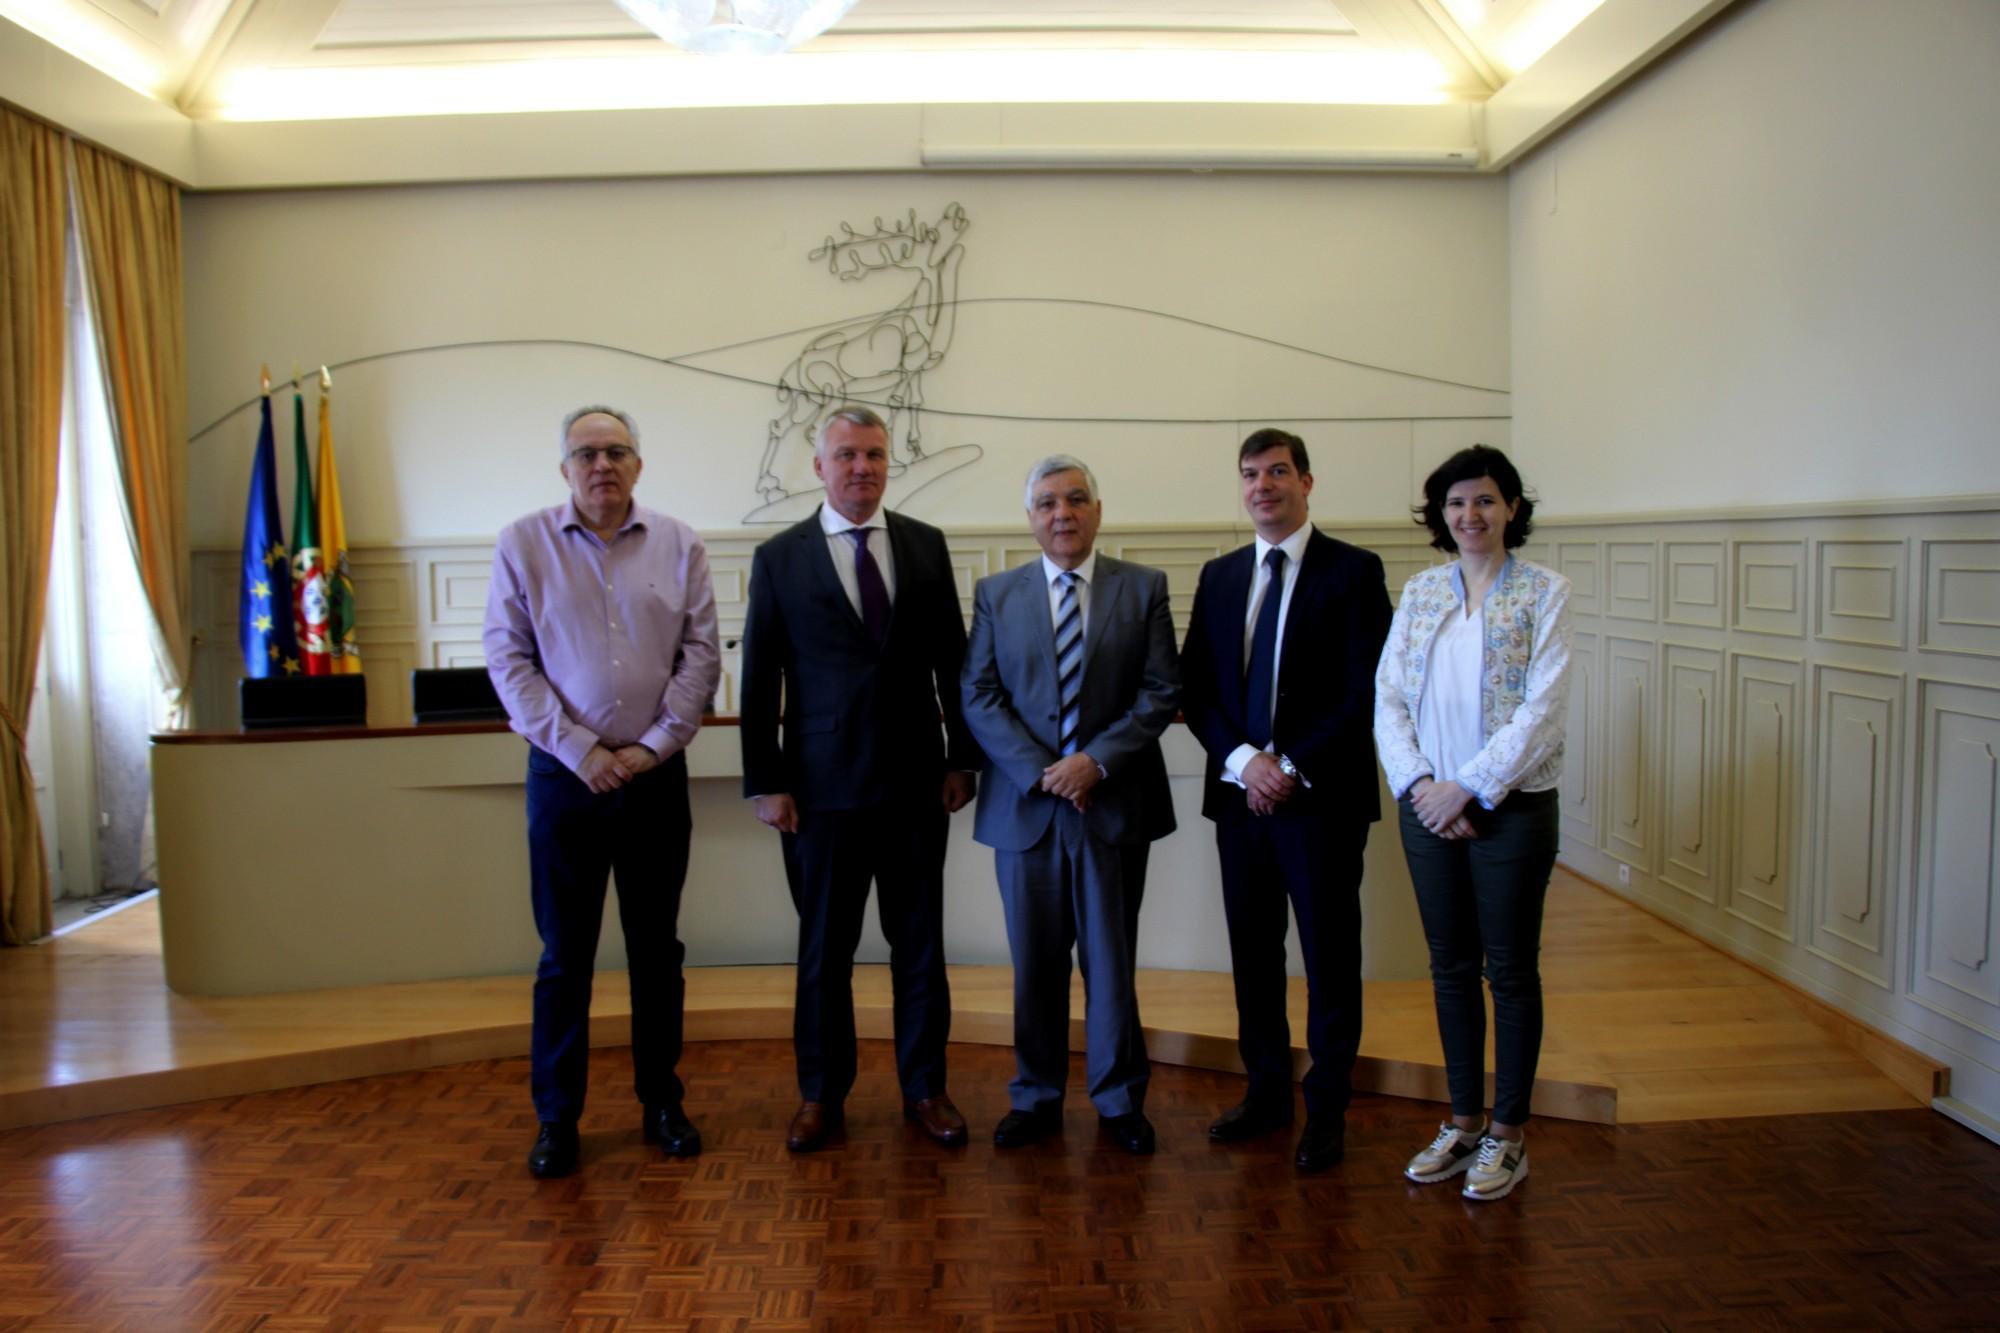 Embaixador e cônsul honorário da República da Letónia em Portugal visitam Vila Nova de Cerveira